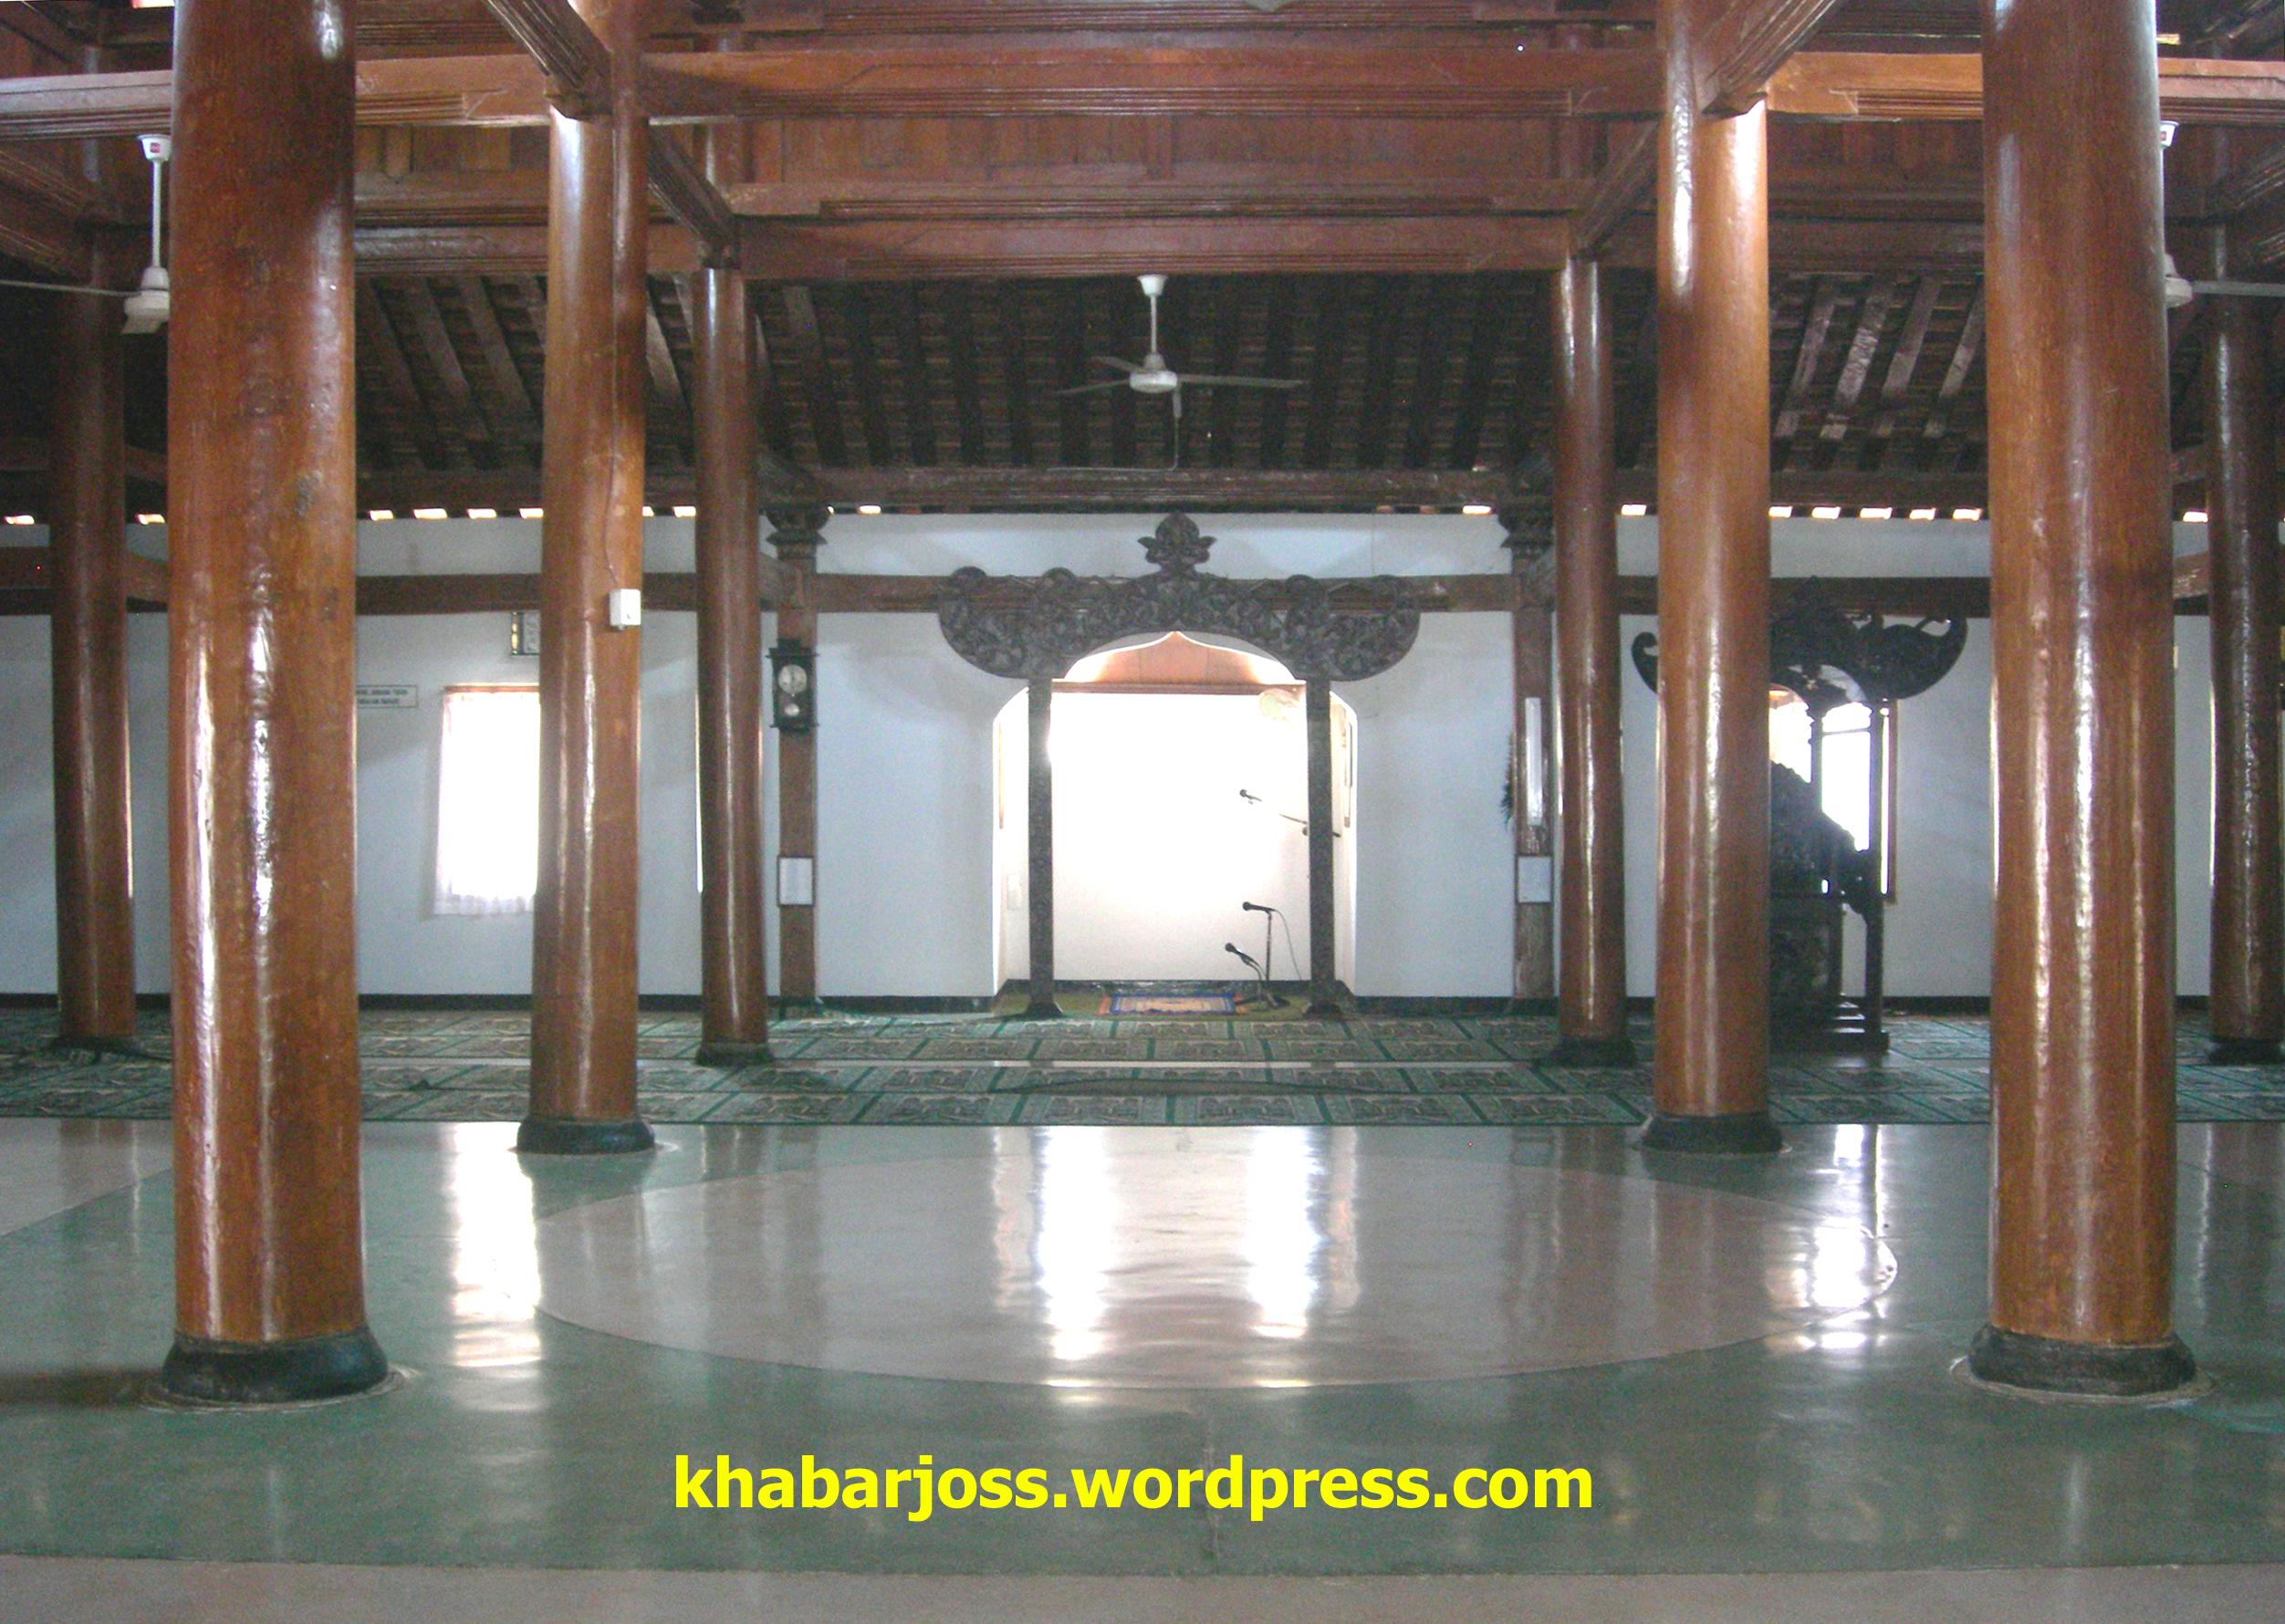 Ruang Utama Imaman Masjid Tegalsari Ponorogo Khabarjoss Galeri Foto Kab